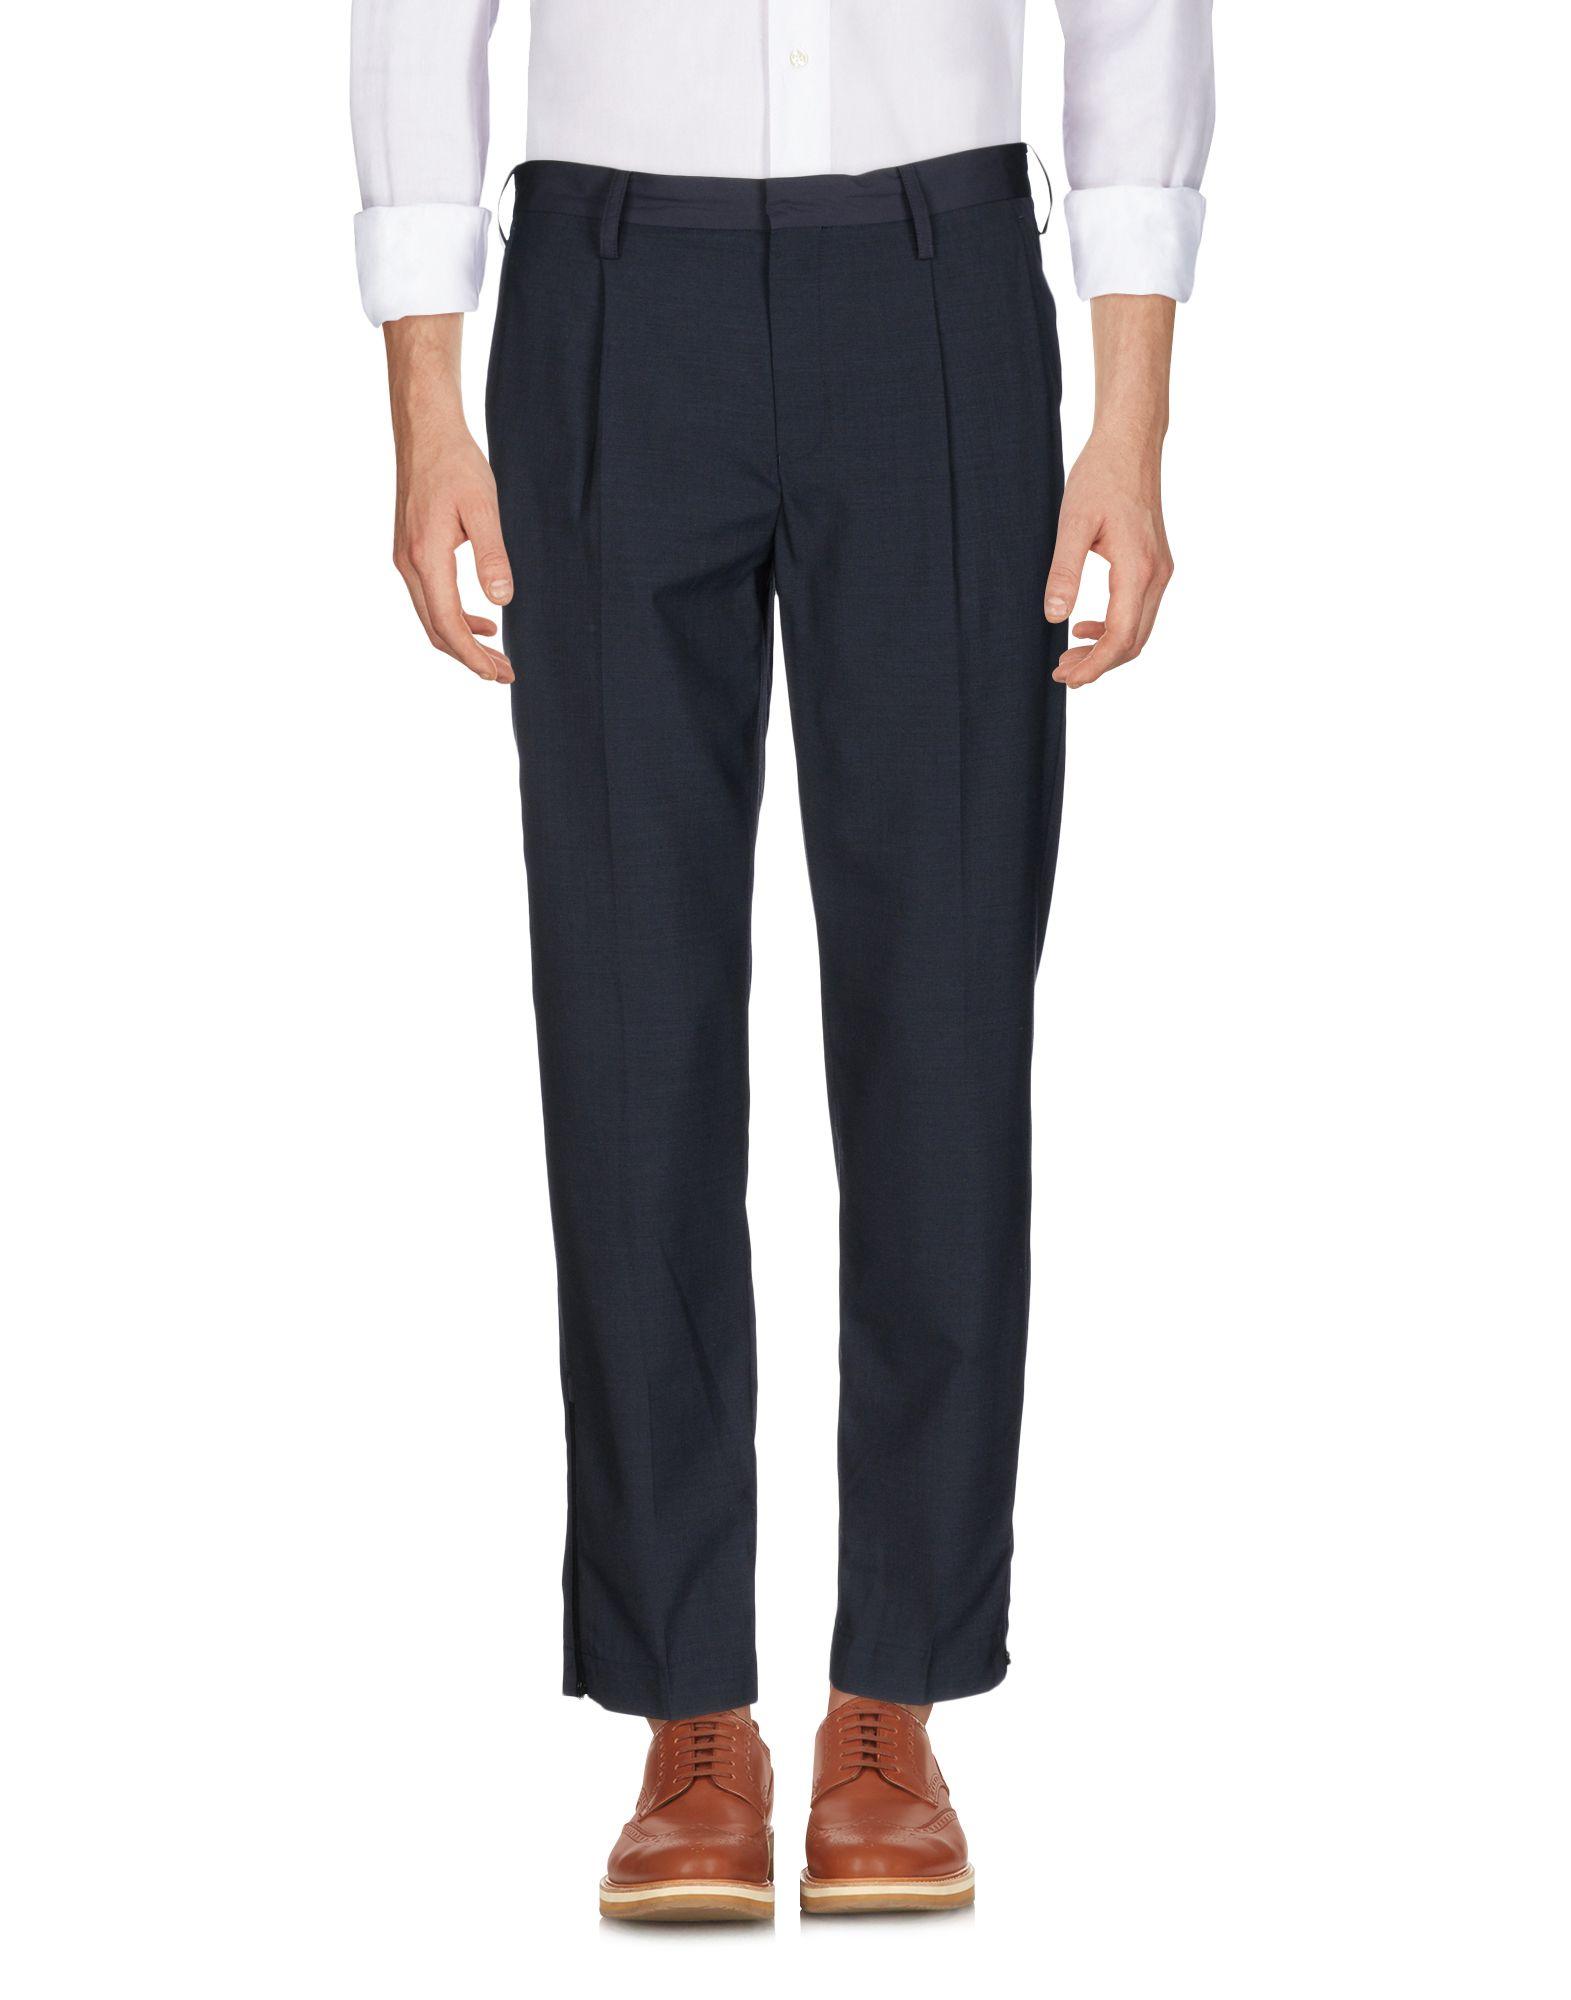 MARVY JAMOKE Casual Pants in Dark Blue